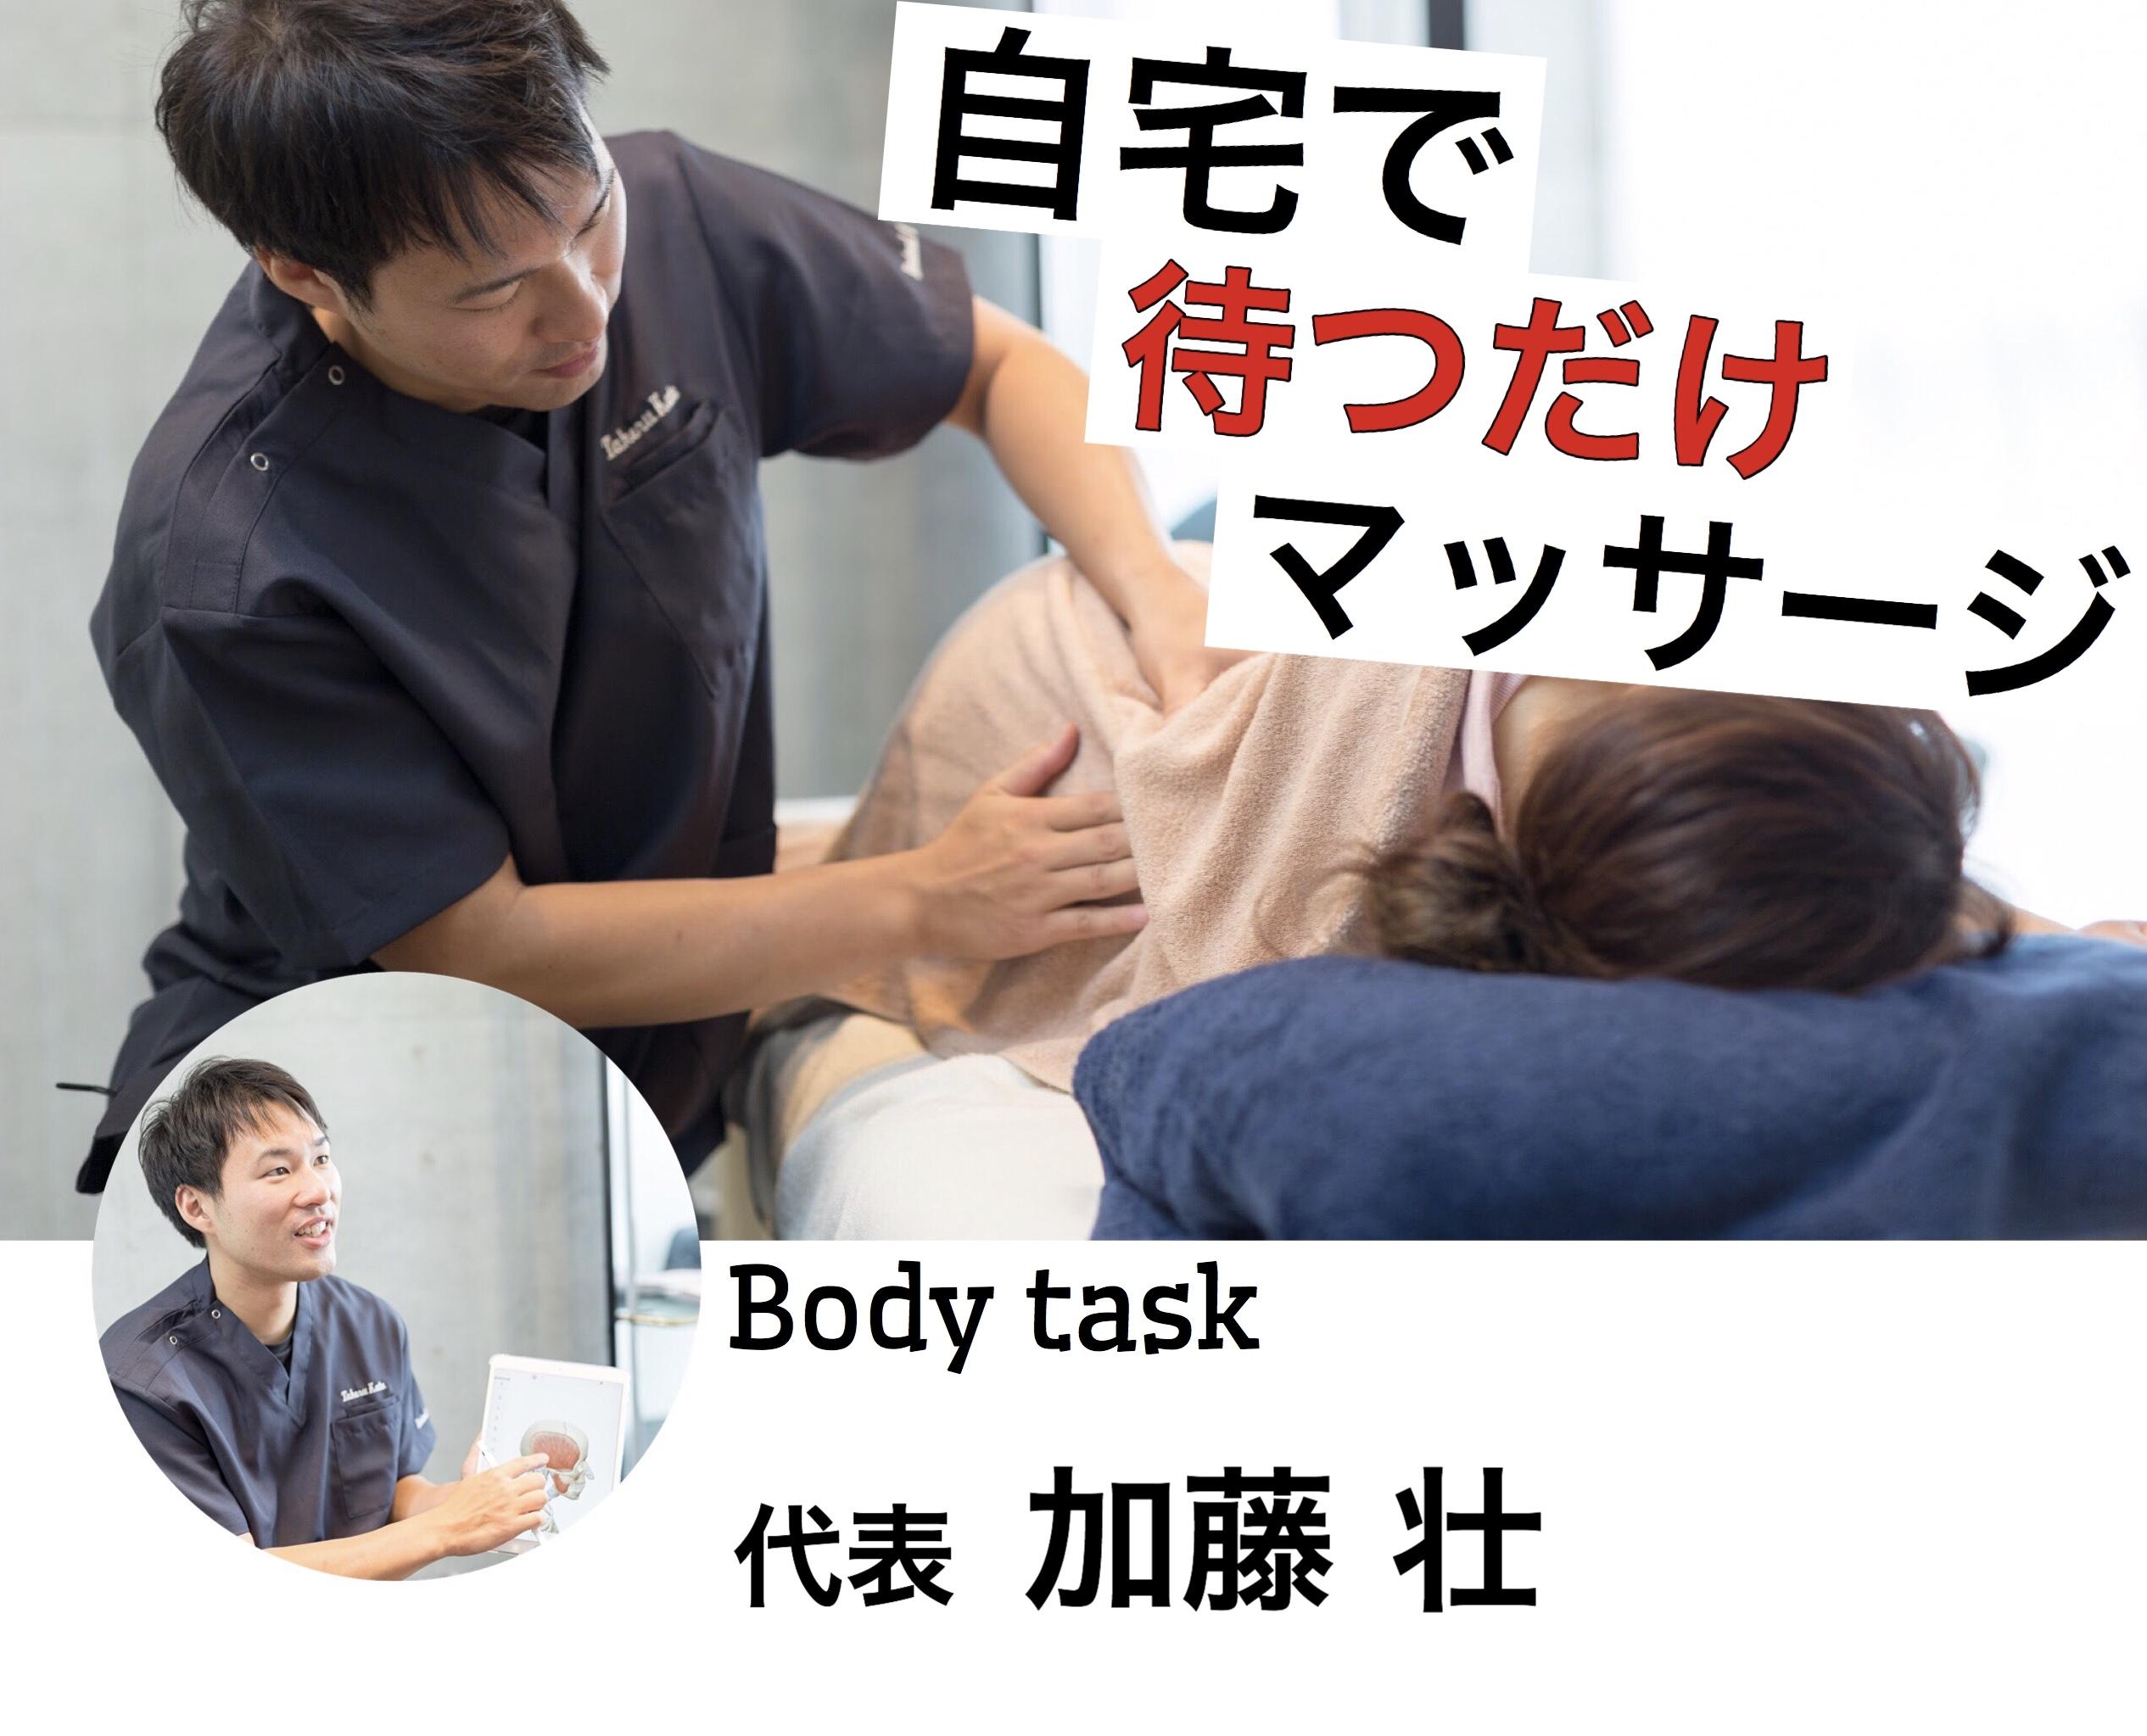 Body task